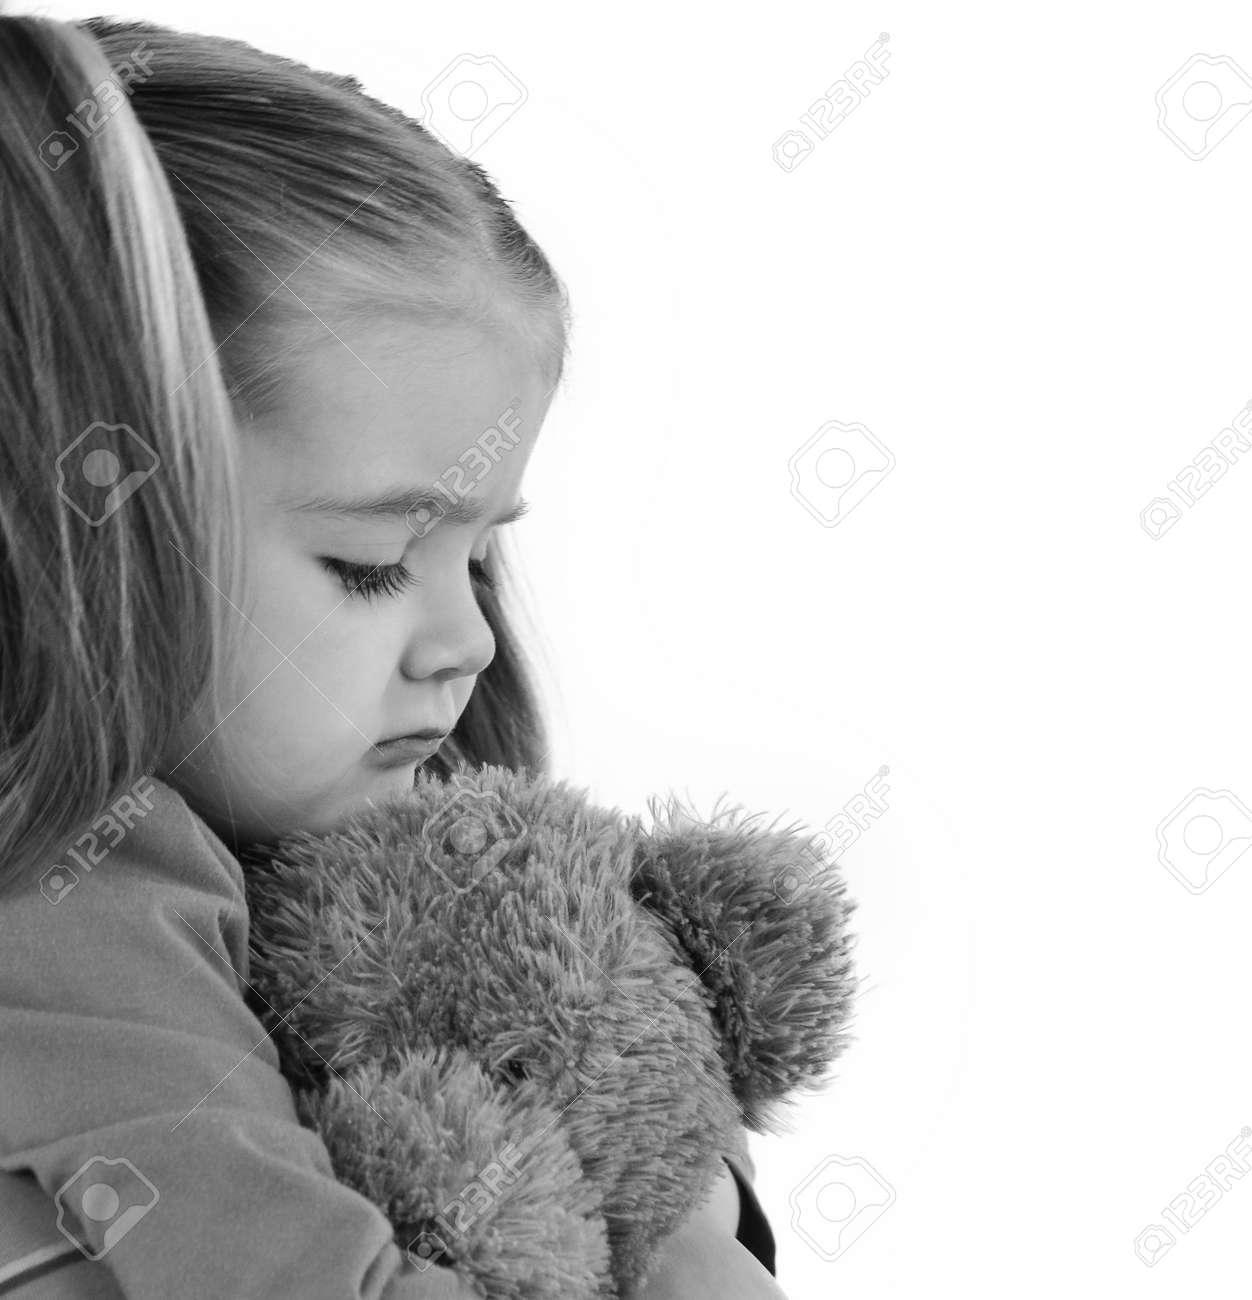 Resultado de imagen para imagen de una niña triste